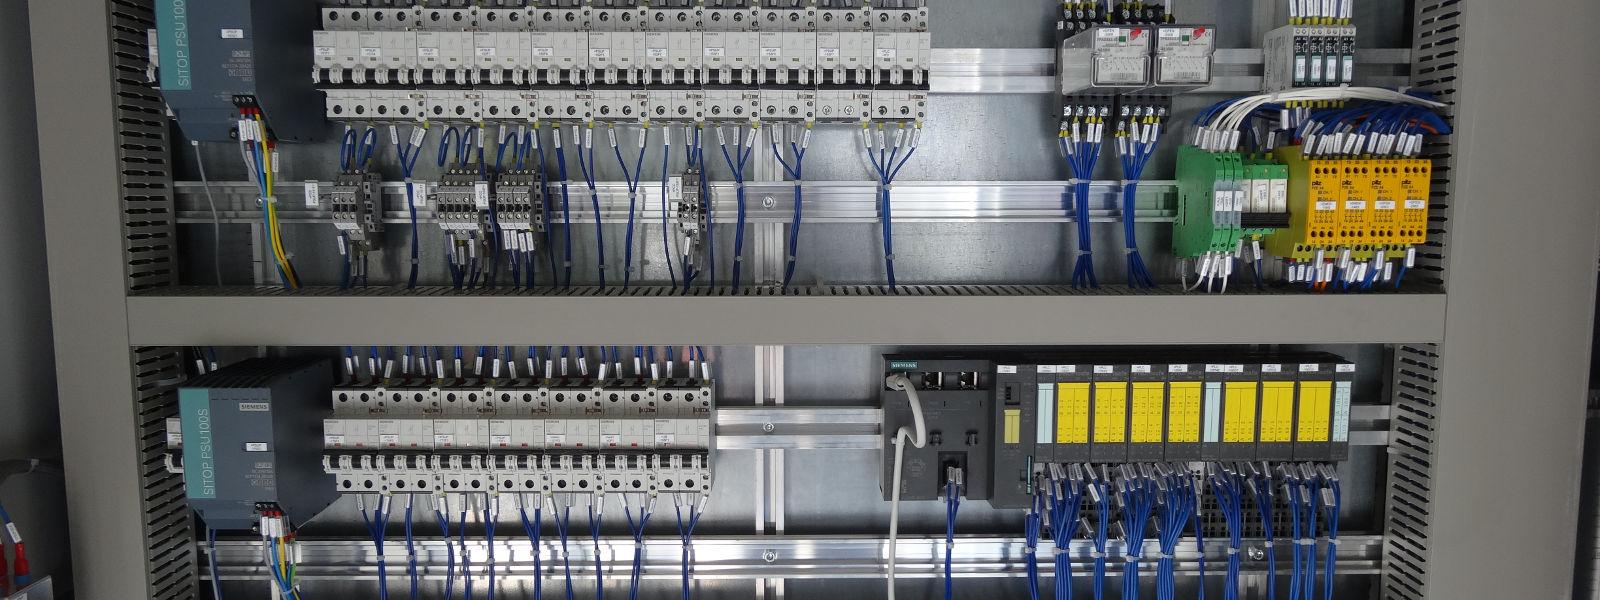 Сборка систем автоматизации